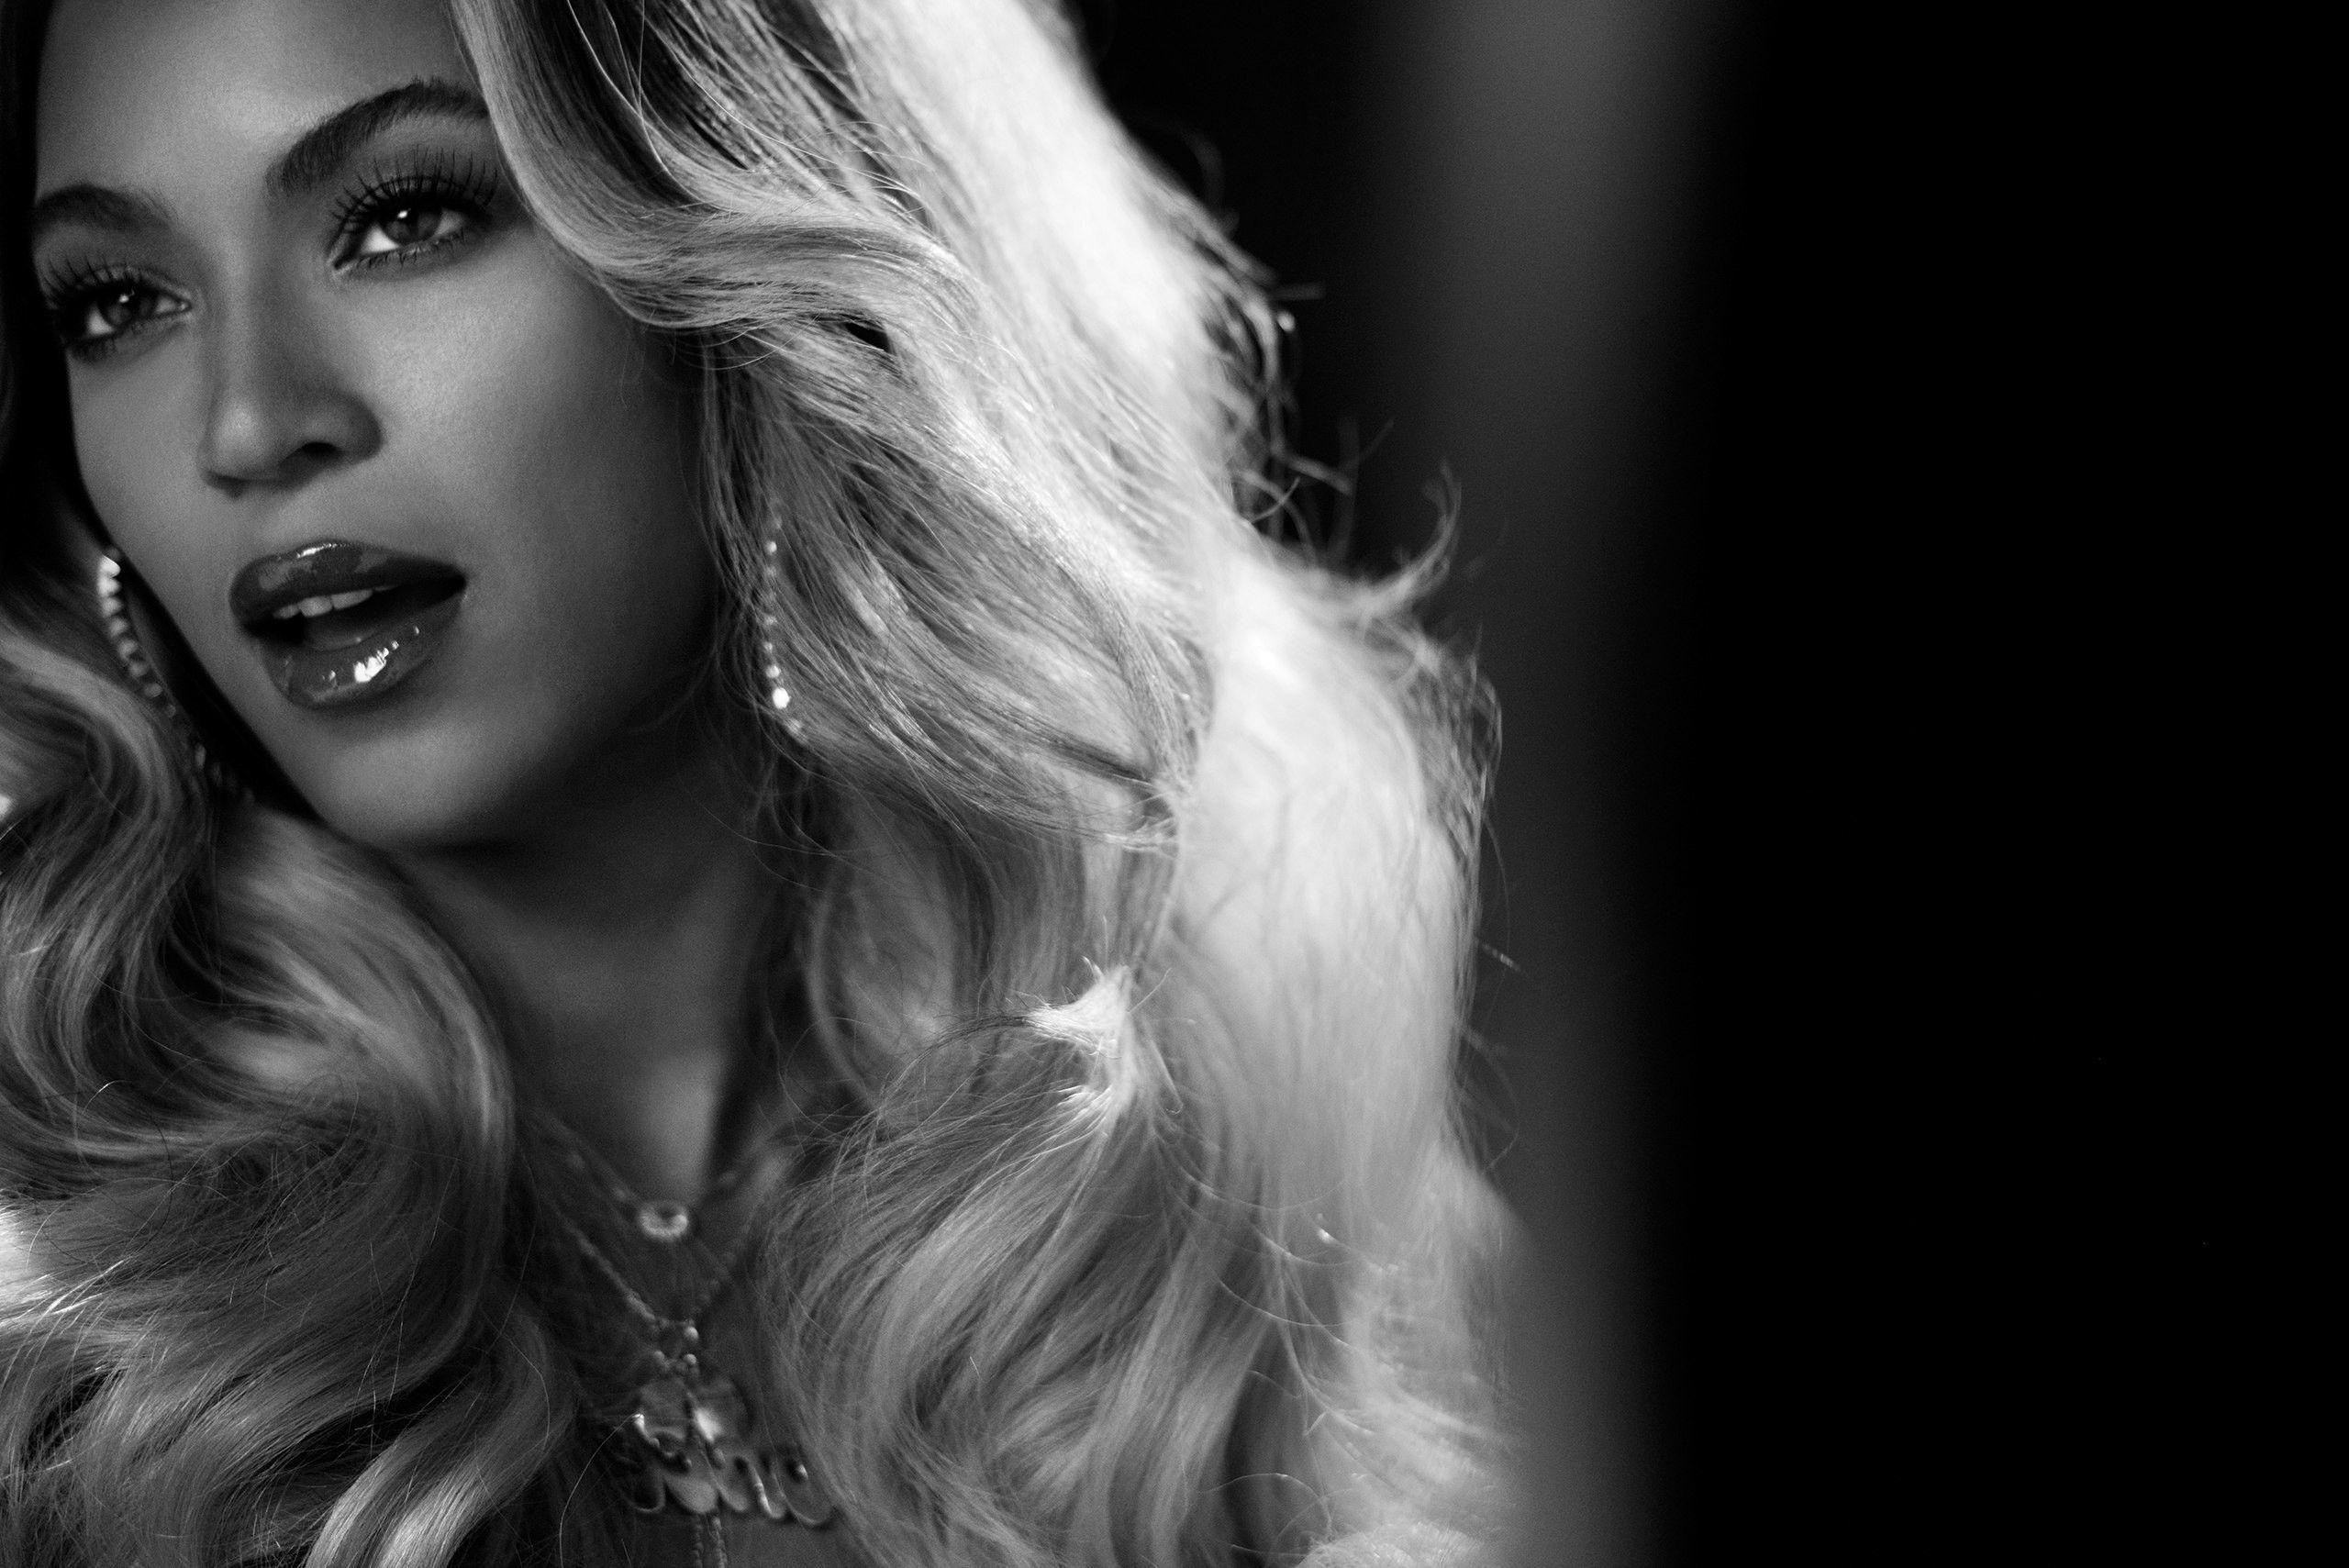 Beyonce Wallpaper Hd Laptop Wallpaper Beyonce Beyonce Photos